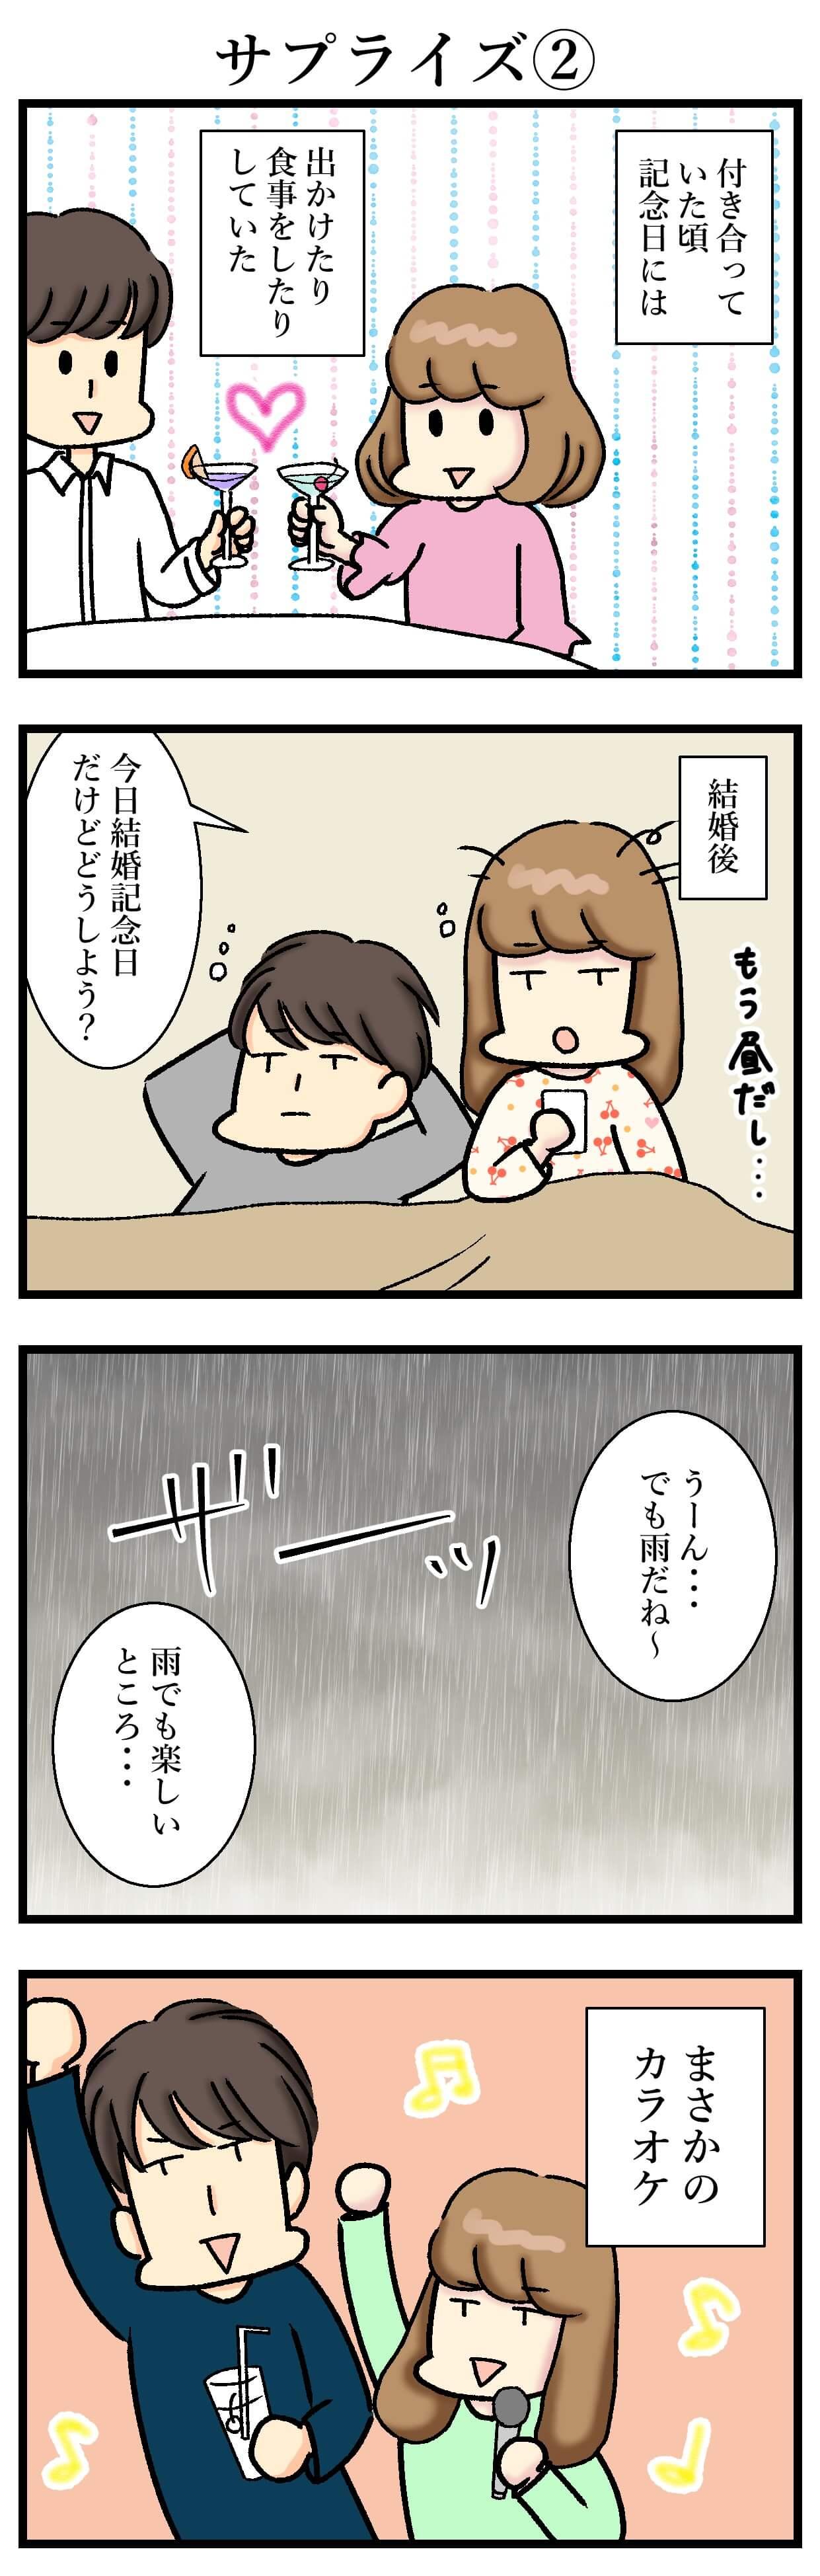 【エッセイ漫画】アラサー主婦くま子のふがいない日常(49)